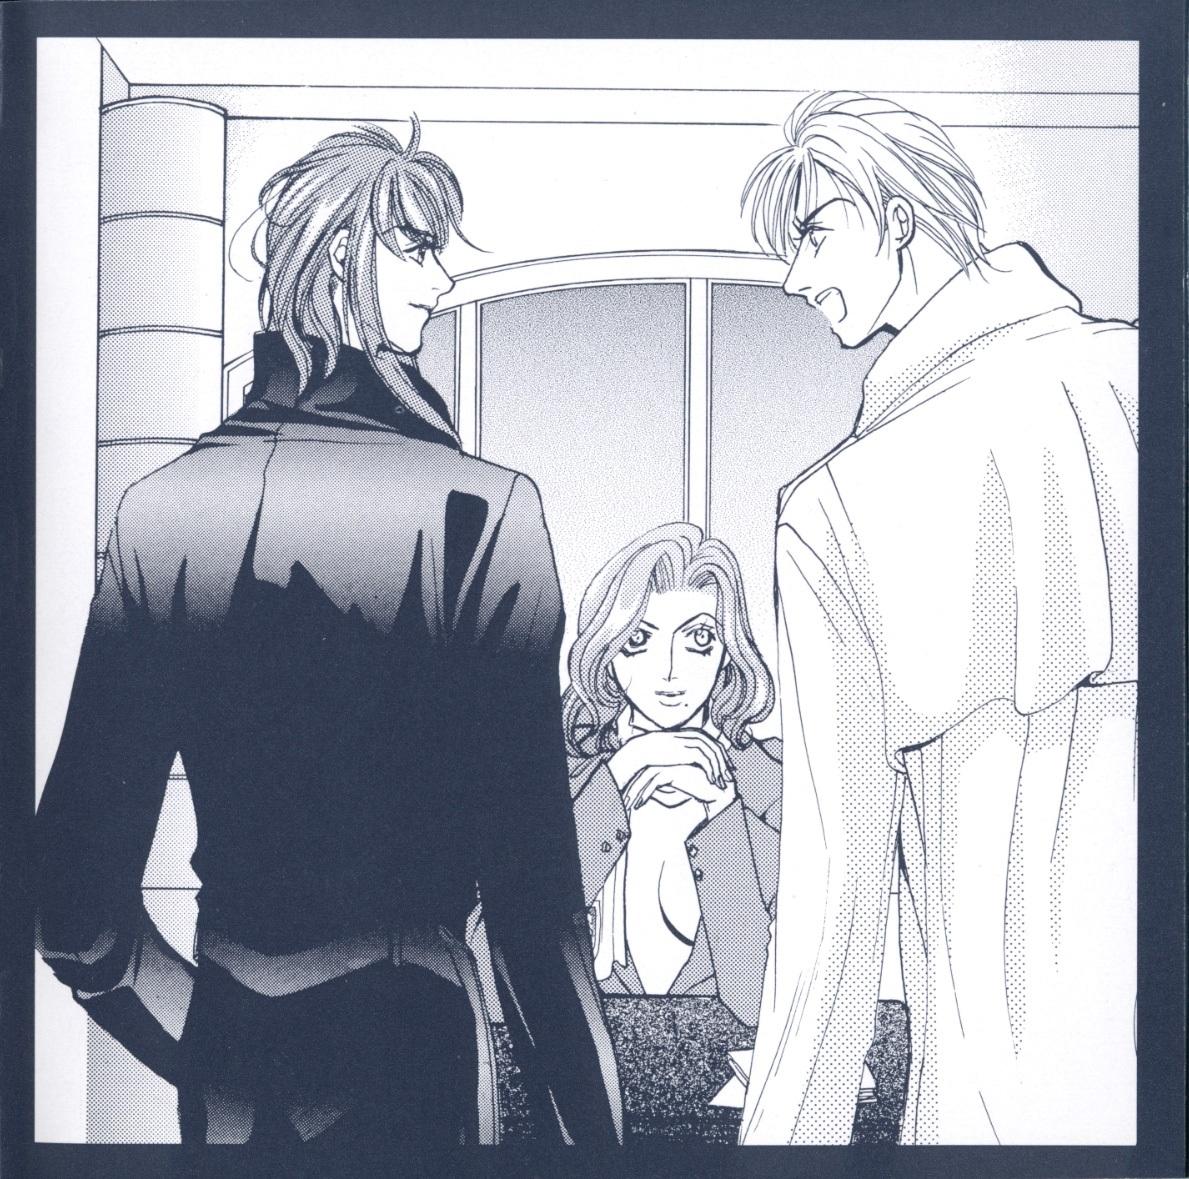 Крашерс II - Ран (Ая), Конь и Ферзь. Перед новой миссией